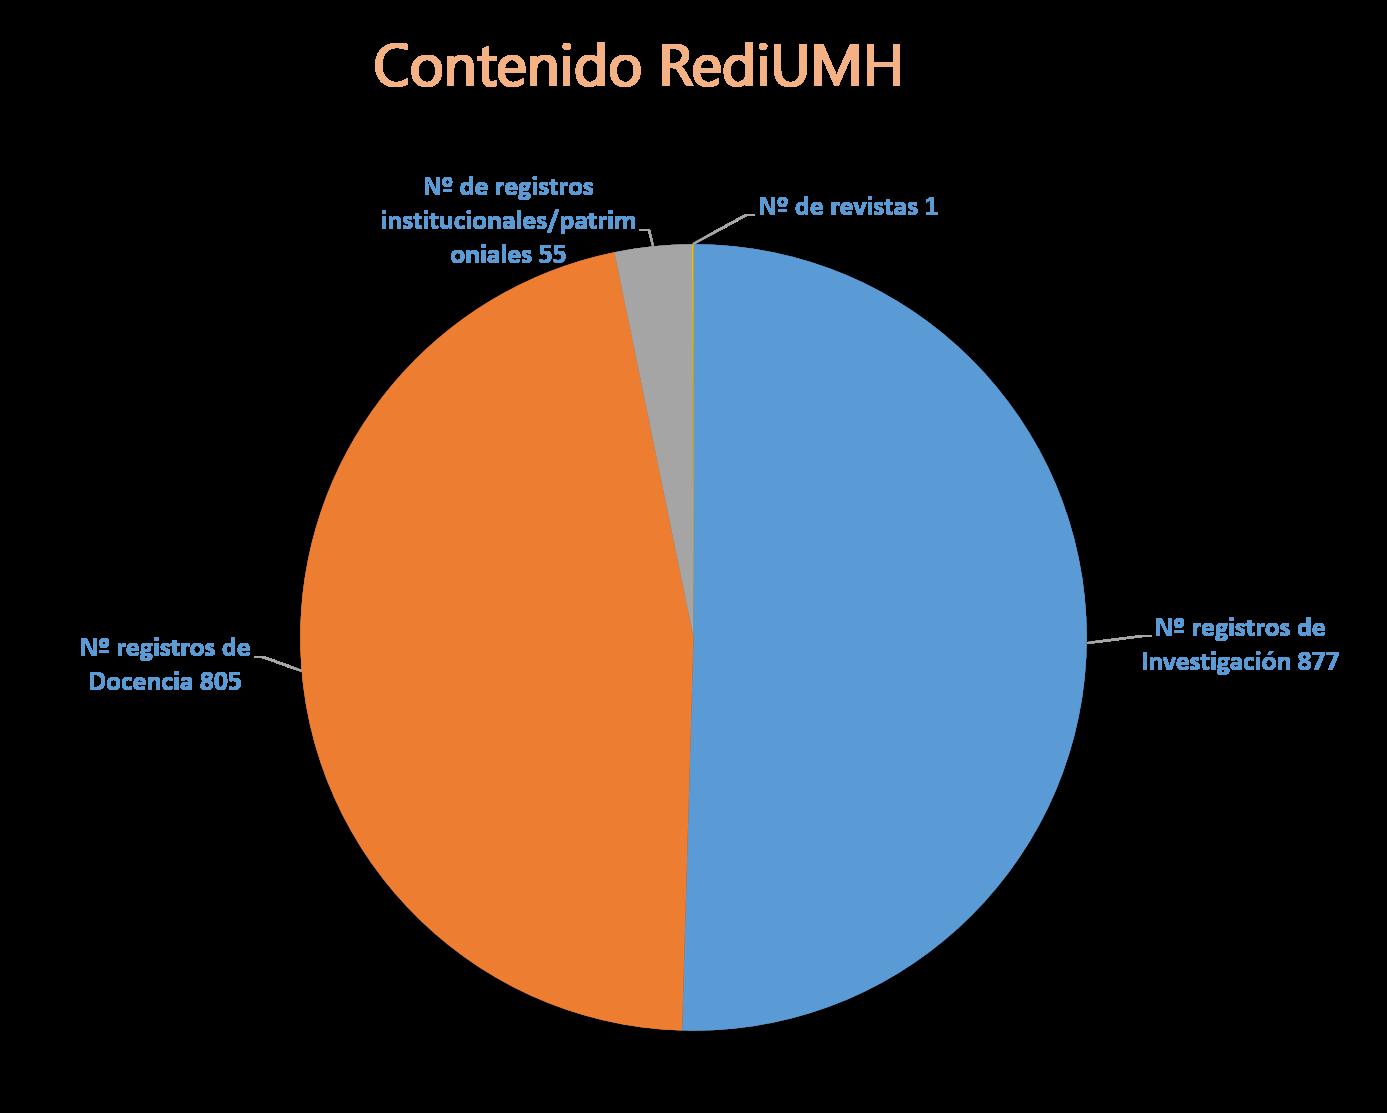 contenido_rediumh